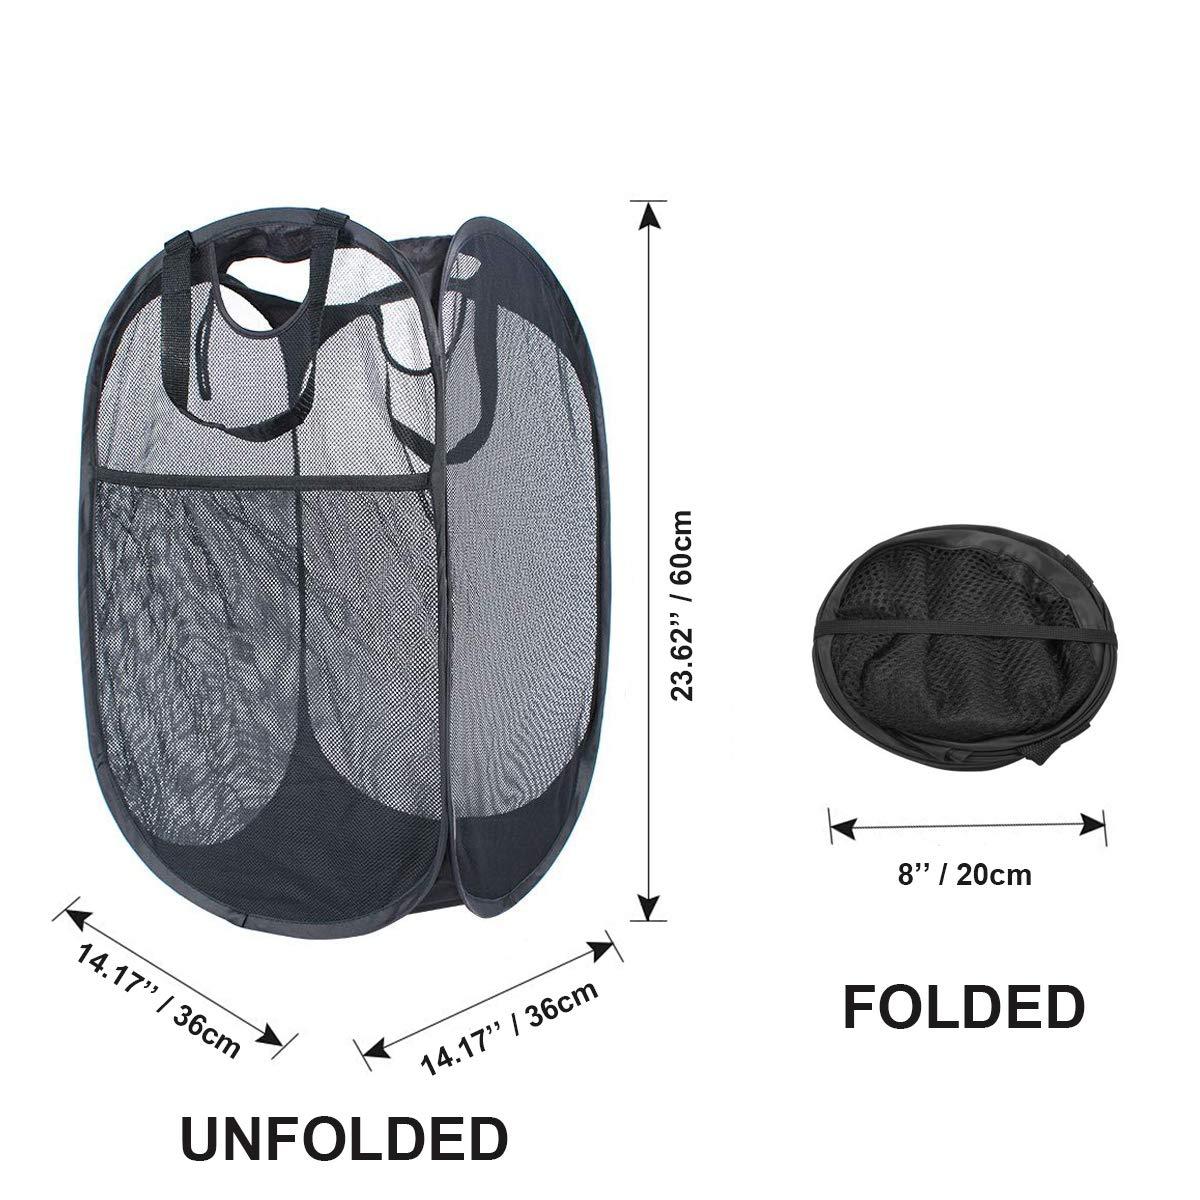 W/äschekorb f/ür schmutzige Kleidung Aufbewahrungstasche f/ür M/ädchen und Kinder 2packs-durableblack Netzstoff TropSetil Tragbarer Pop-Up-W/äschekorb Cartoon-Design strapazierf/ähig